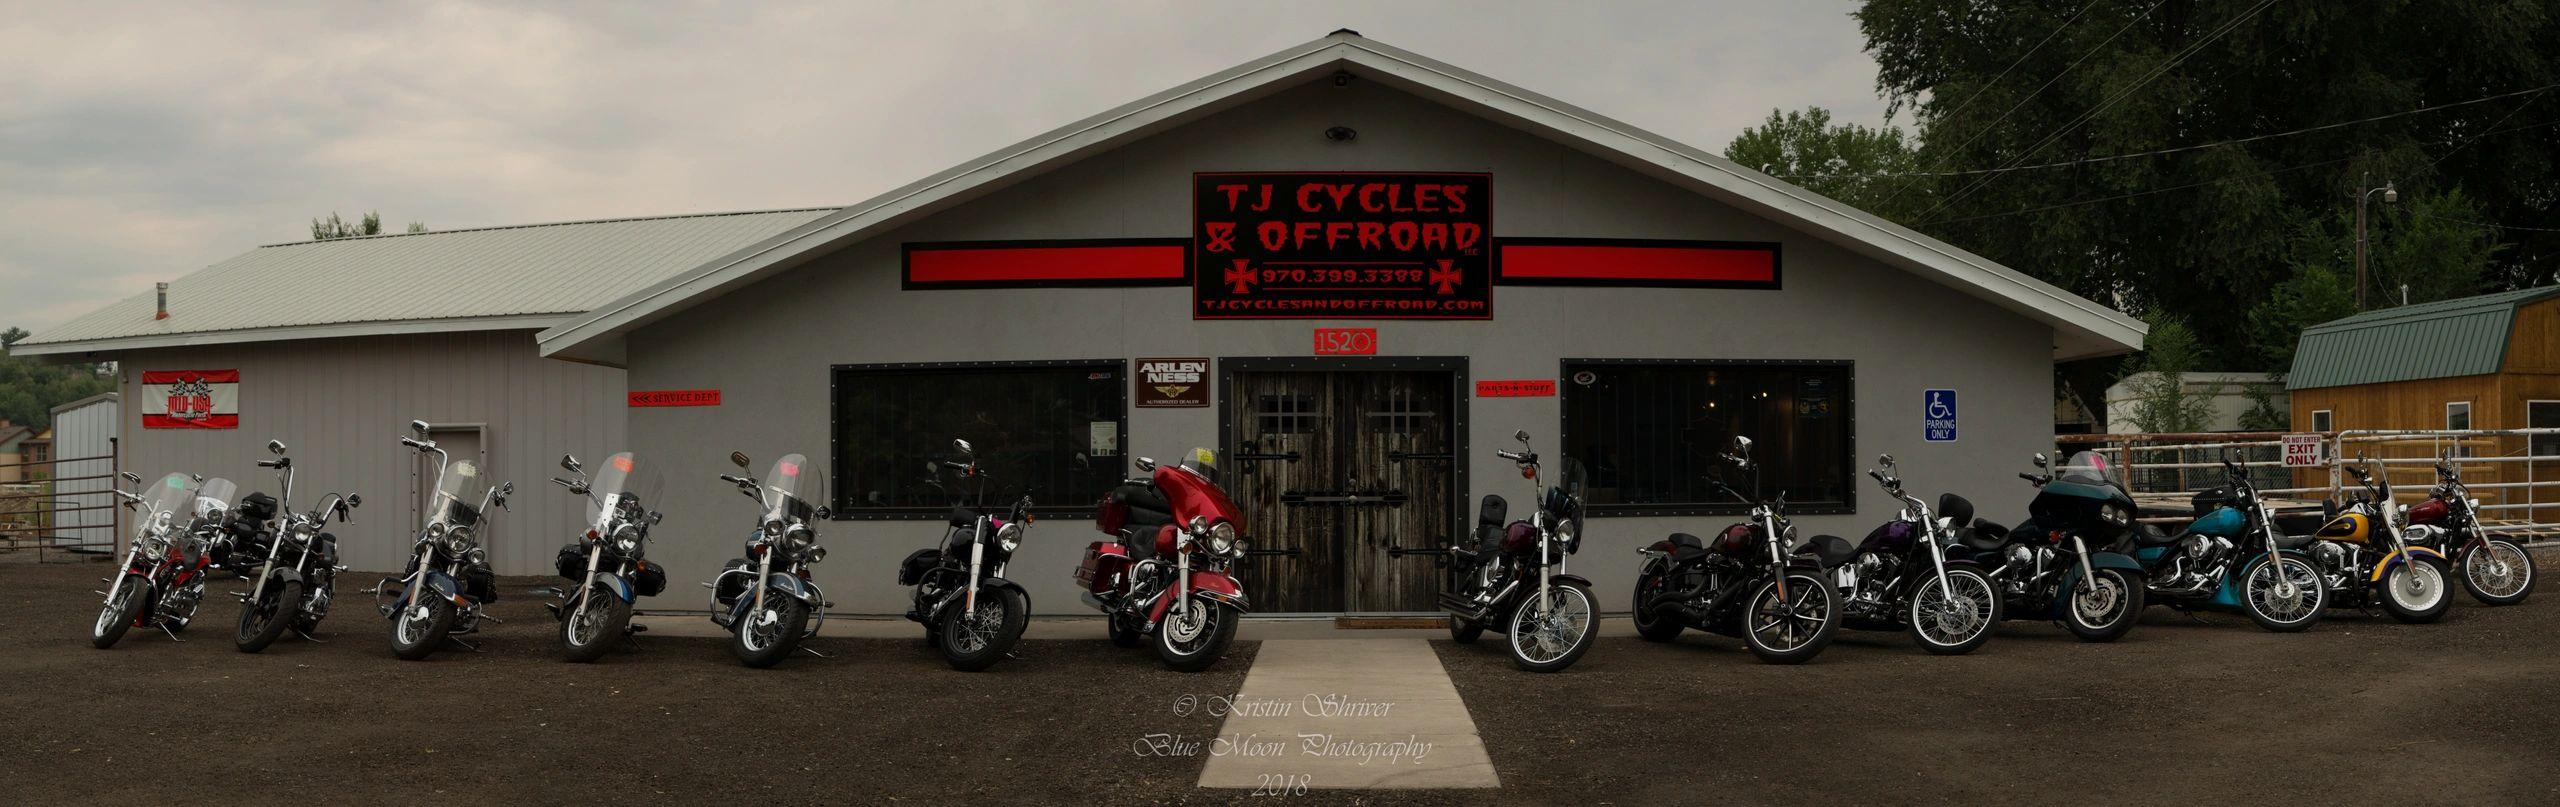 TJ Cycles & Offroad logo